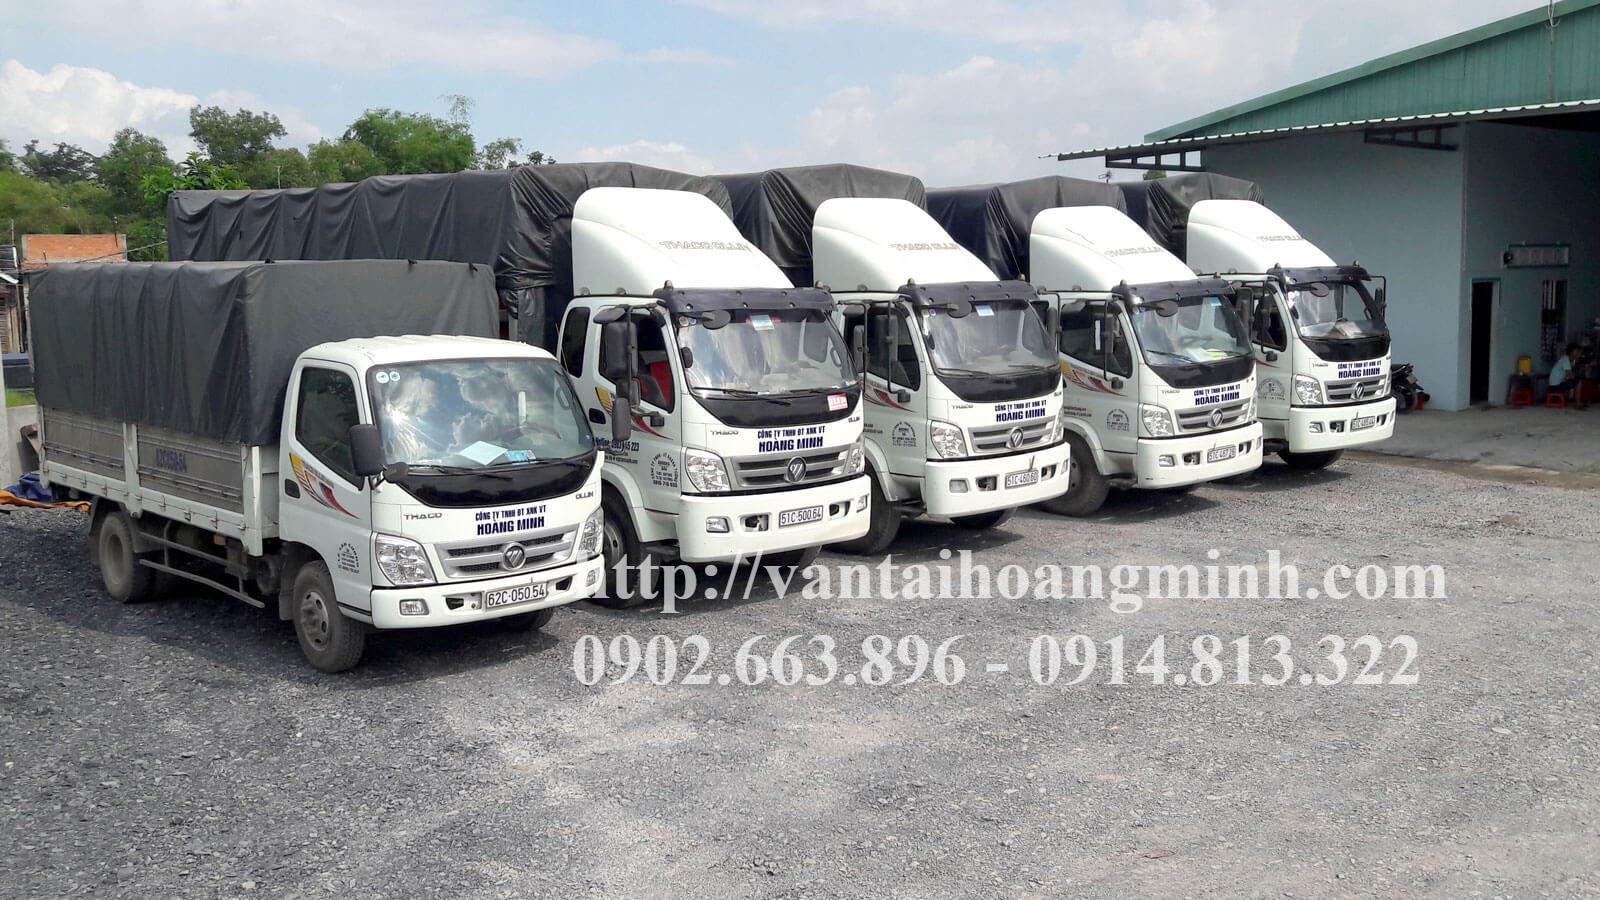 dịch vụ vận chuyển hàng hóa từ tphcm đi nha trang